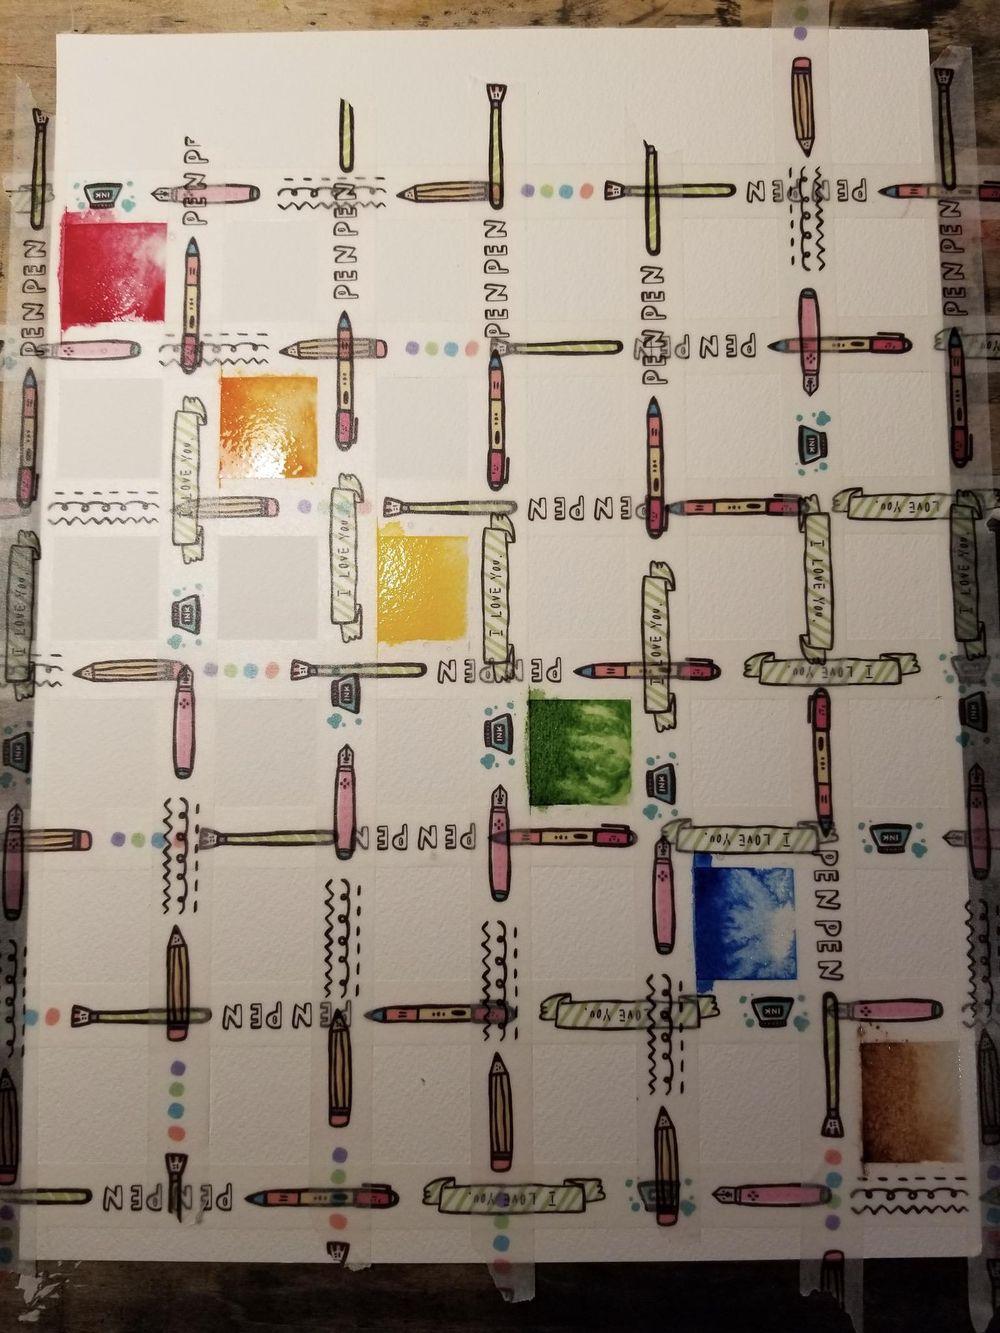 Qor Mixes - image 1 - student project